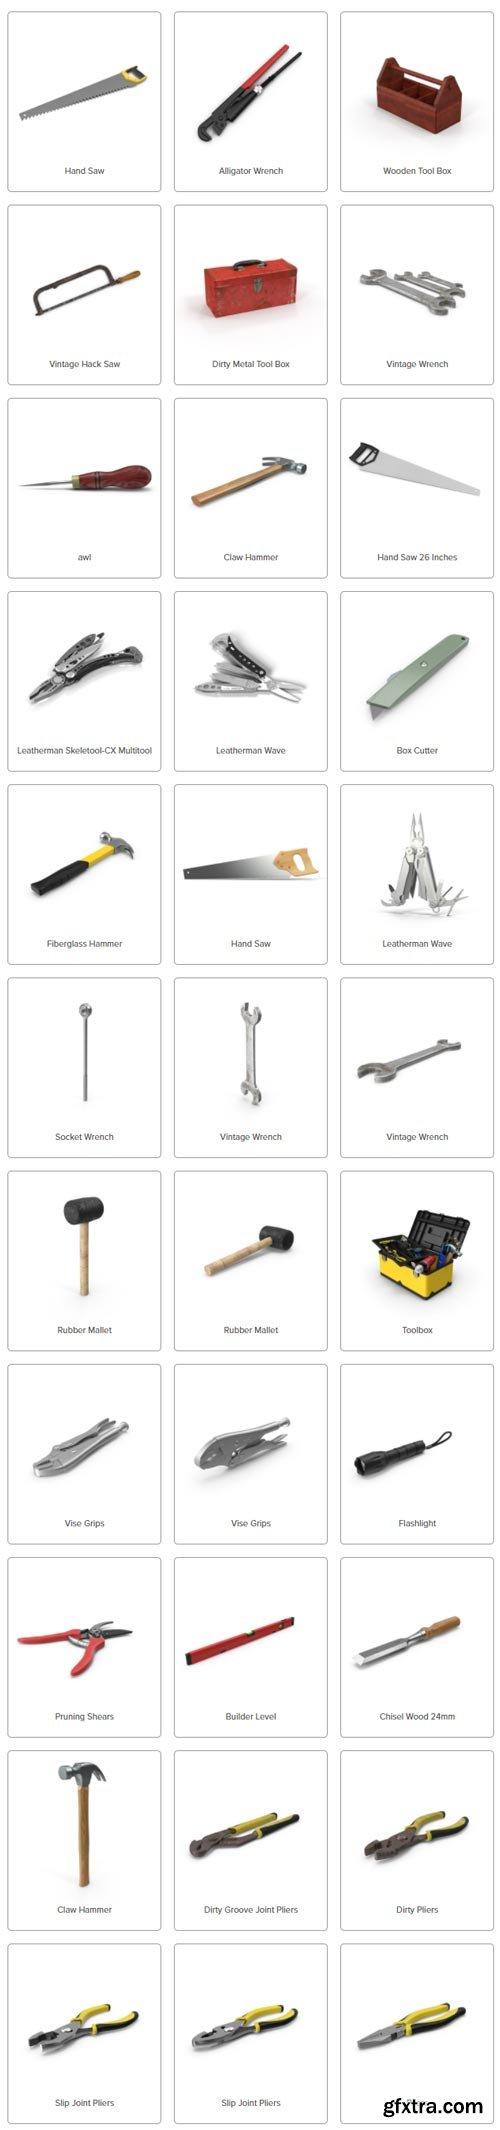 PixelSquid - Hand Tools Collection